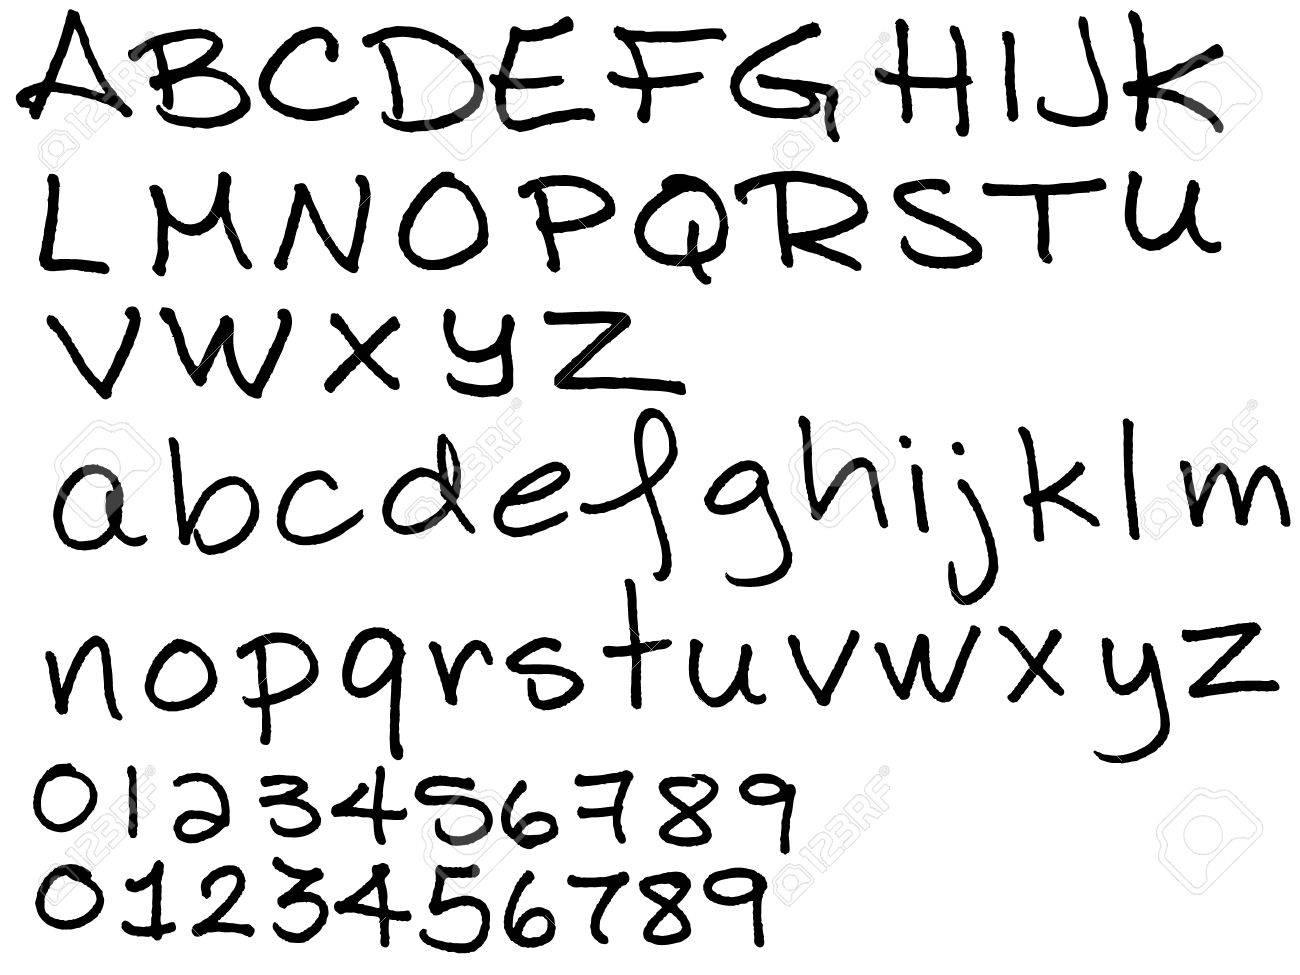 Worksheet Handwritten Alphabet handwritten alphabet scalien in black ink imitation with bleeding on